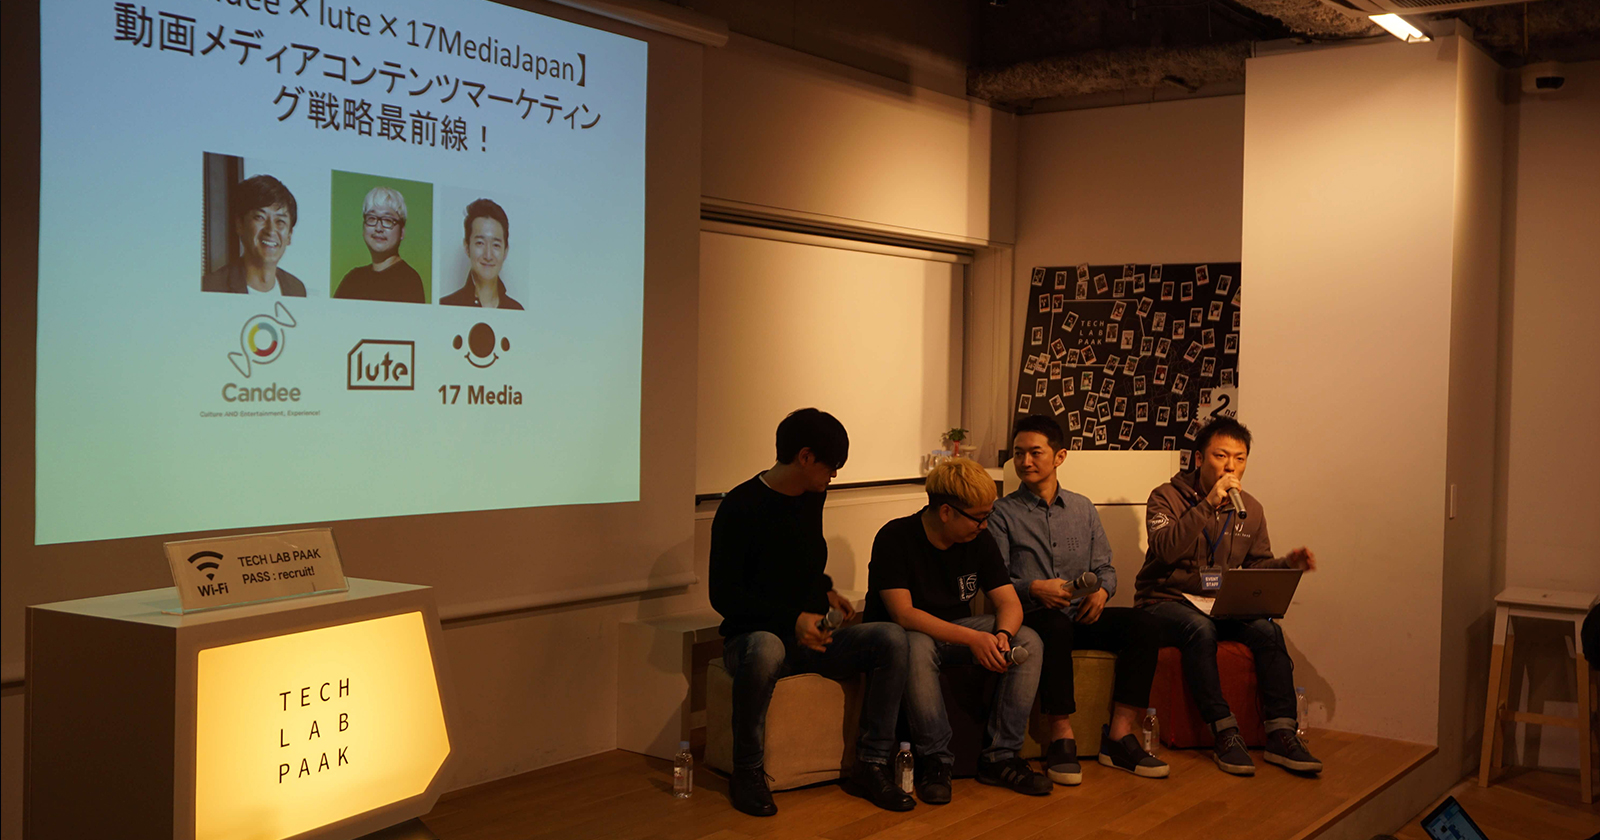 for Startups, Inc.(フォースタ)主催にて動画スタートアップ3社代表パネルディスカッションイベントの様子がメディア掲載されました!